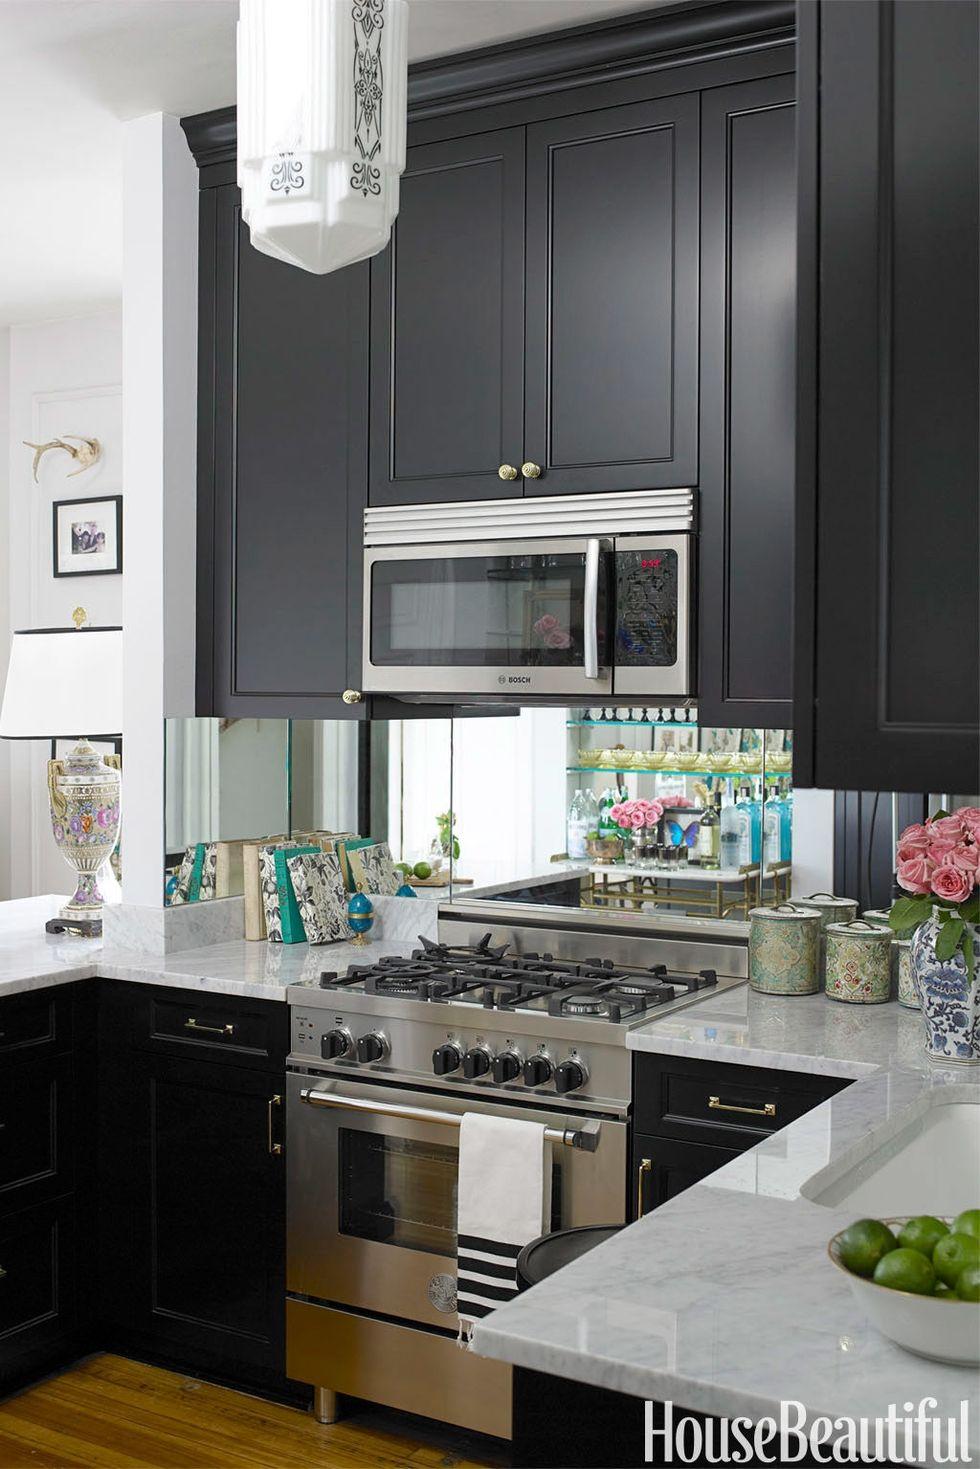 gallery-1424210542-hbx-summer-thornton-kitchen-0711.jpg